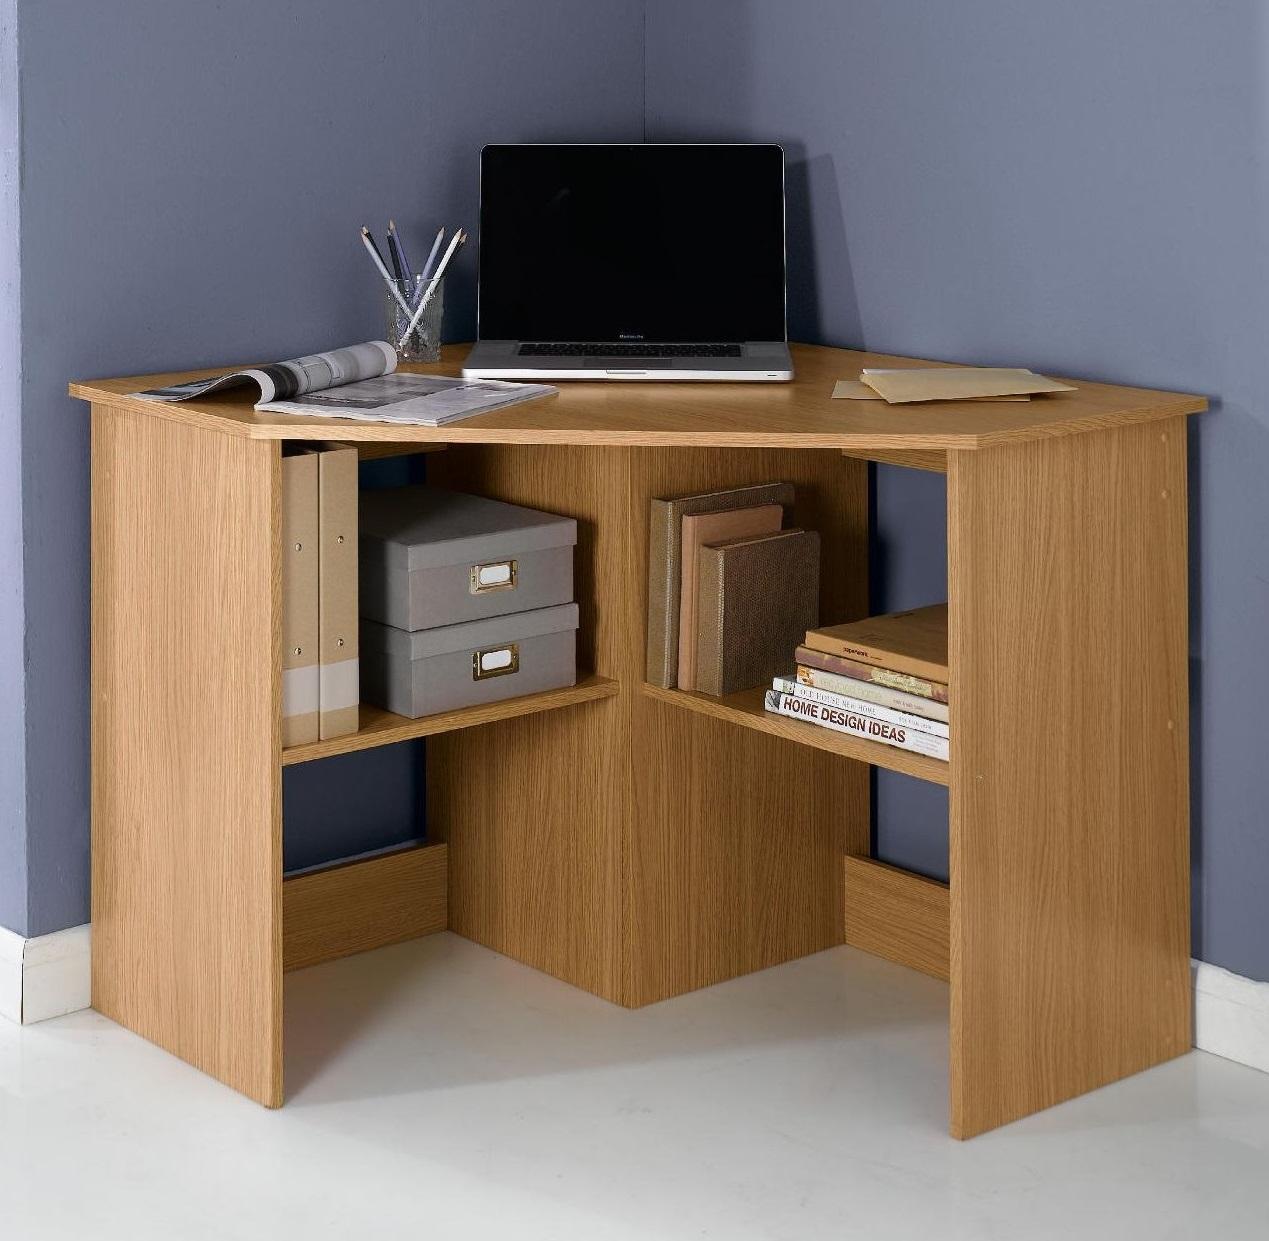 new fraser l shape corner computer desk with 2 shelves oak effect ebay. Black Bedroom Furniture Sets. Home Design Ideas